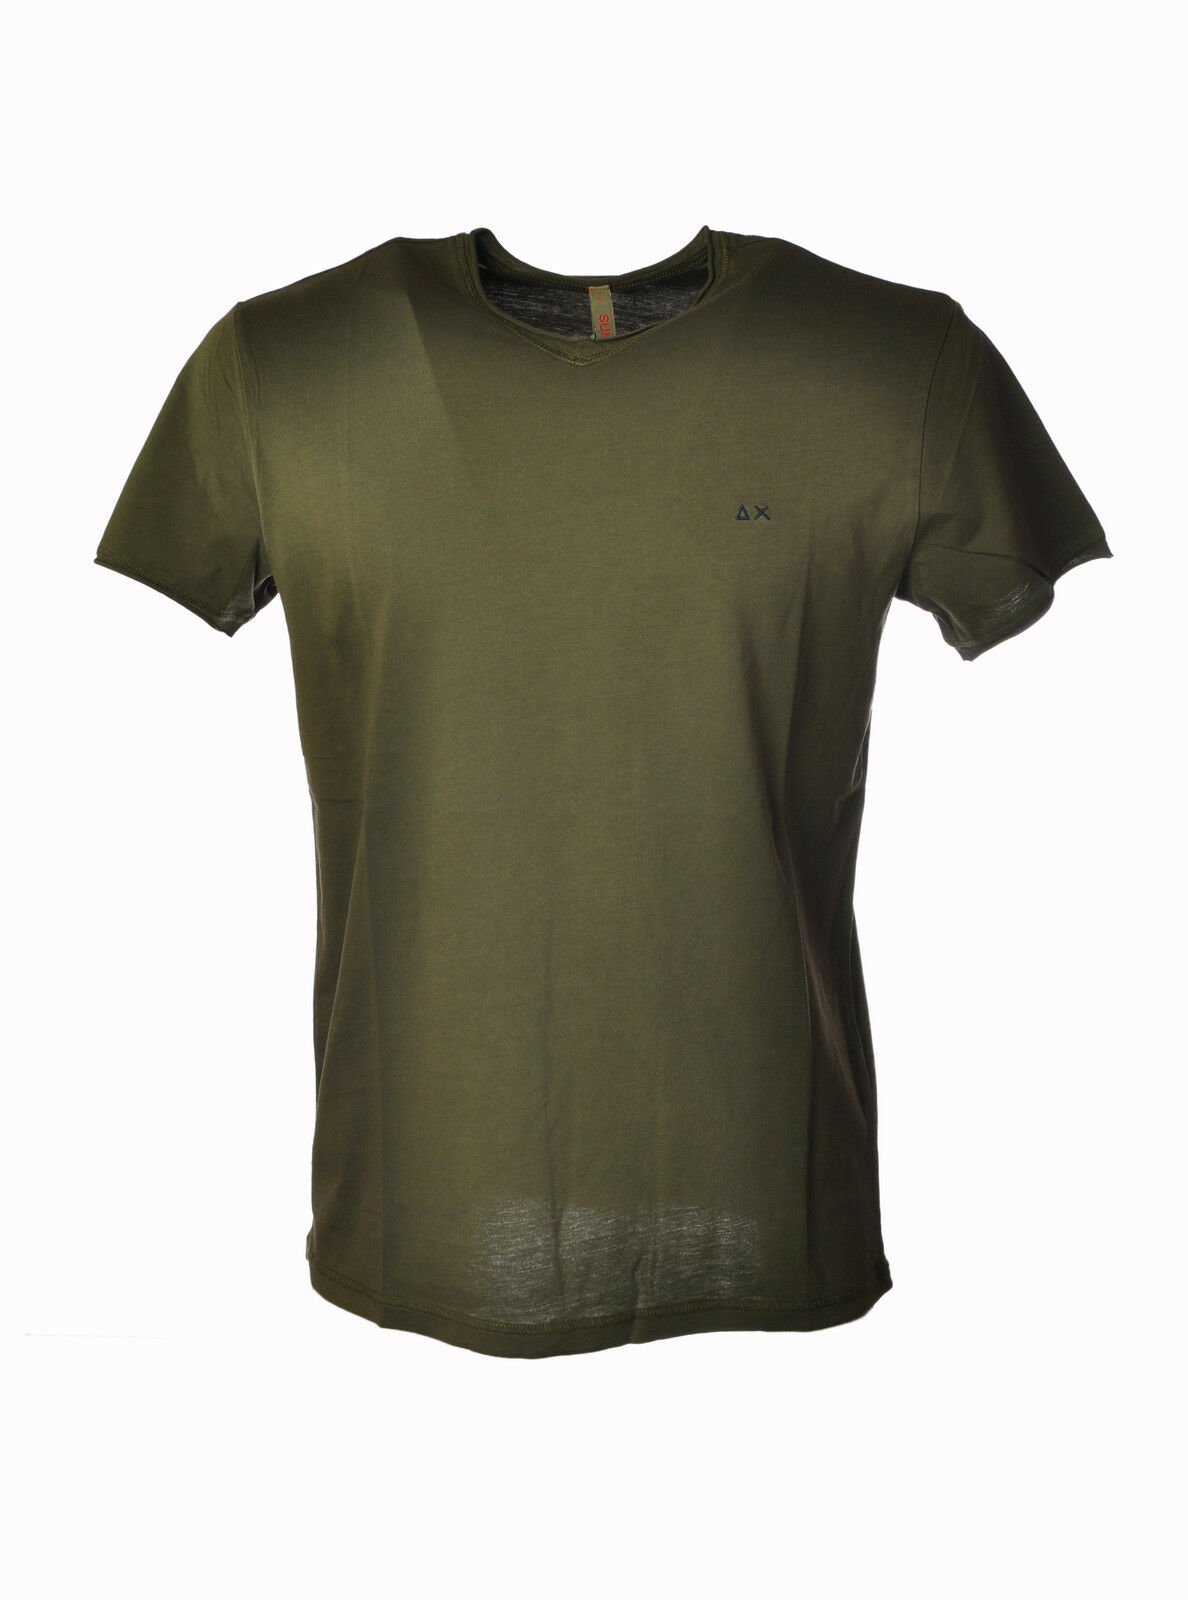 Sun 68 - Topwear-T-shirts - Man - Grün - 3200925E184139